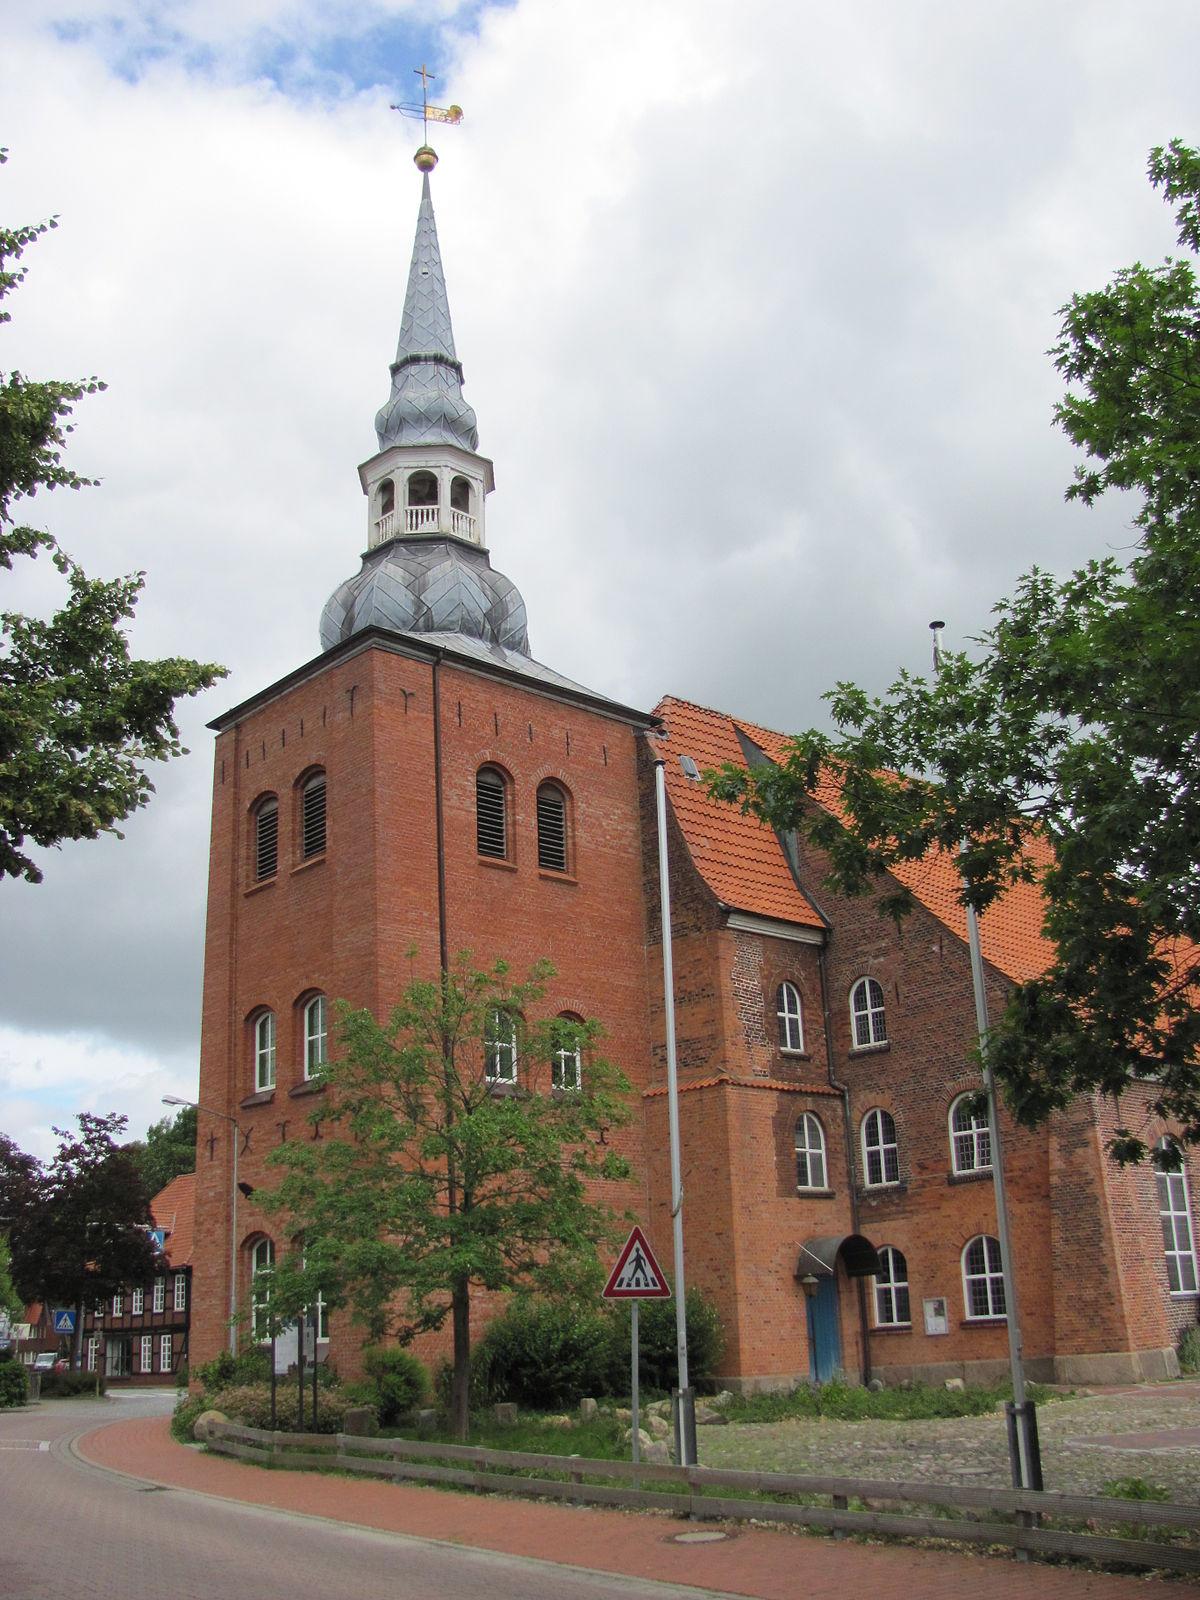 Horneburg